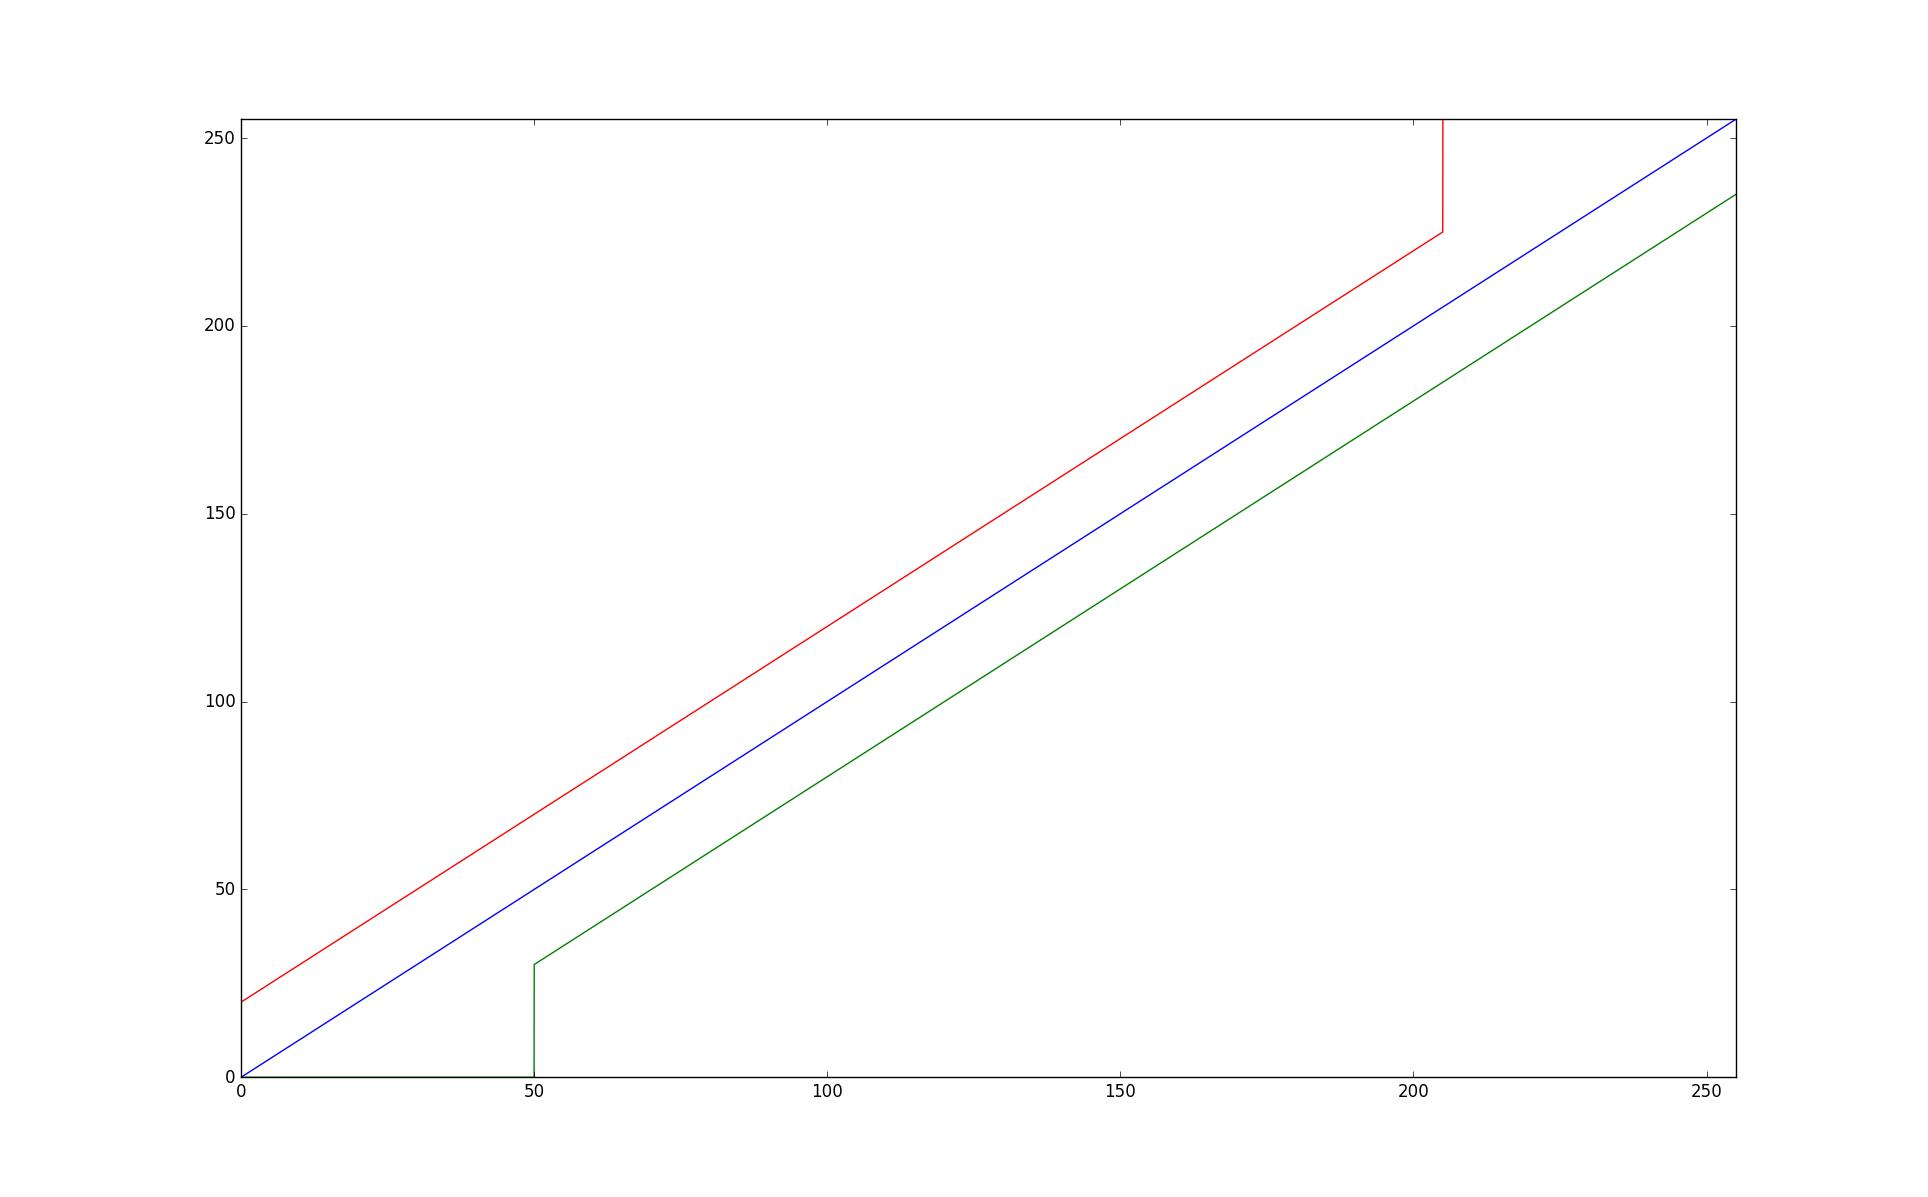 Courbes de la fonction de changement de luminosité.